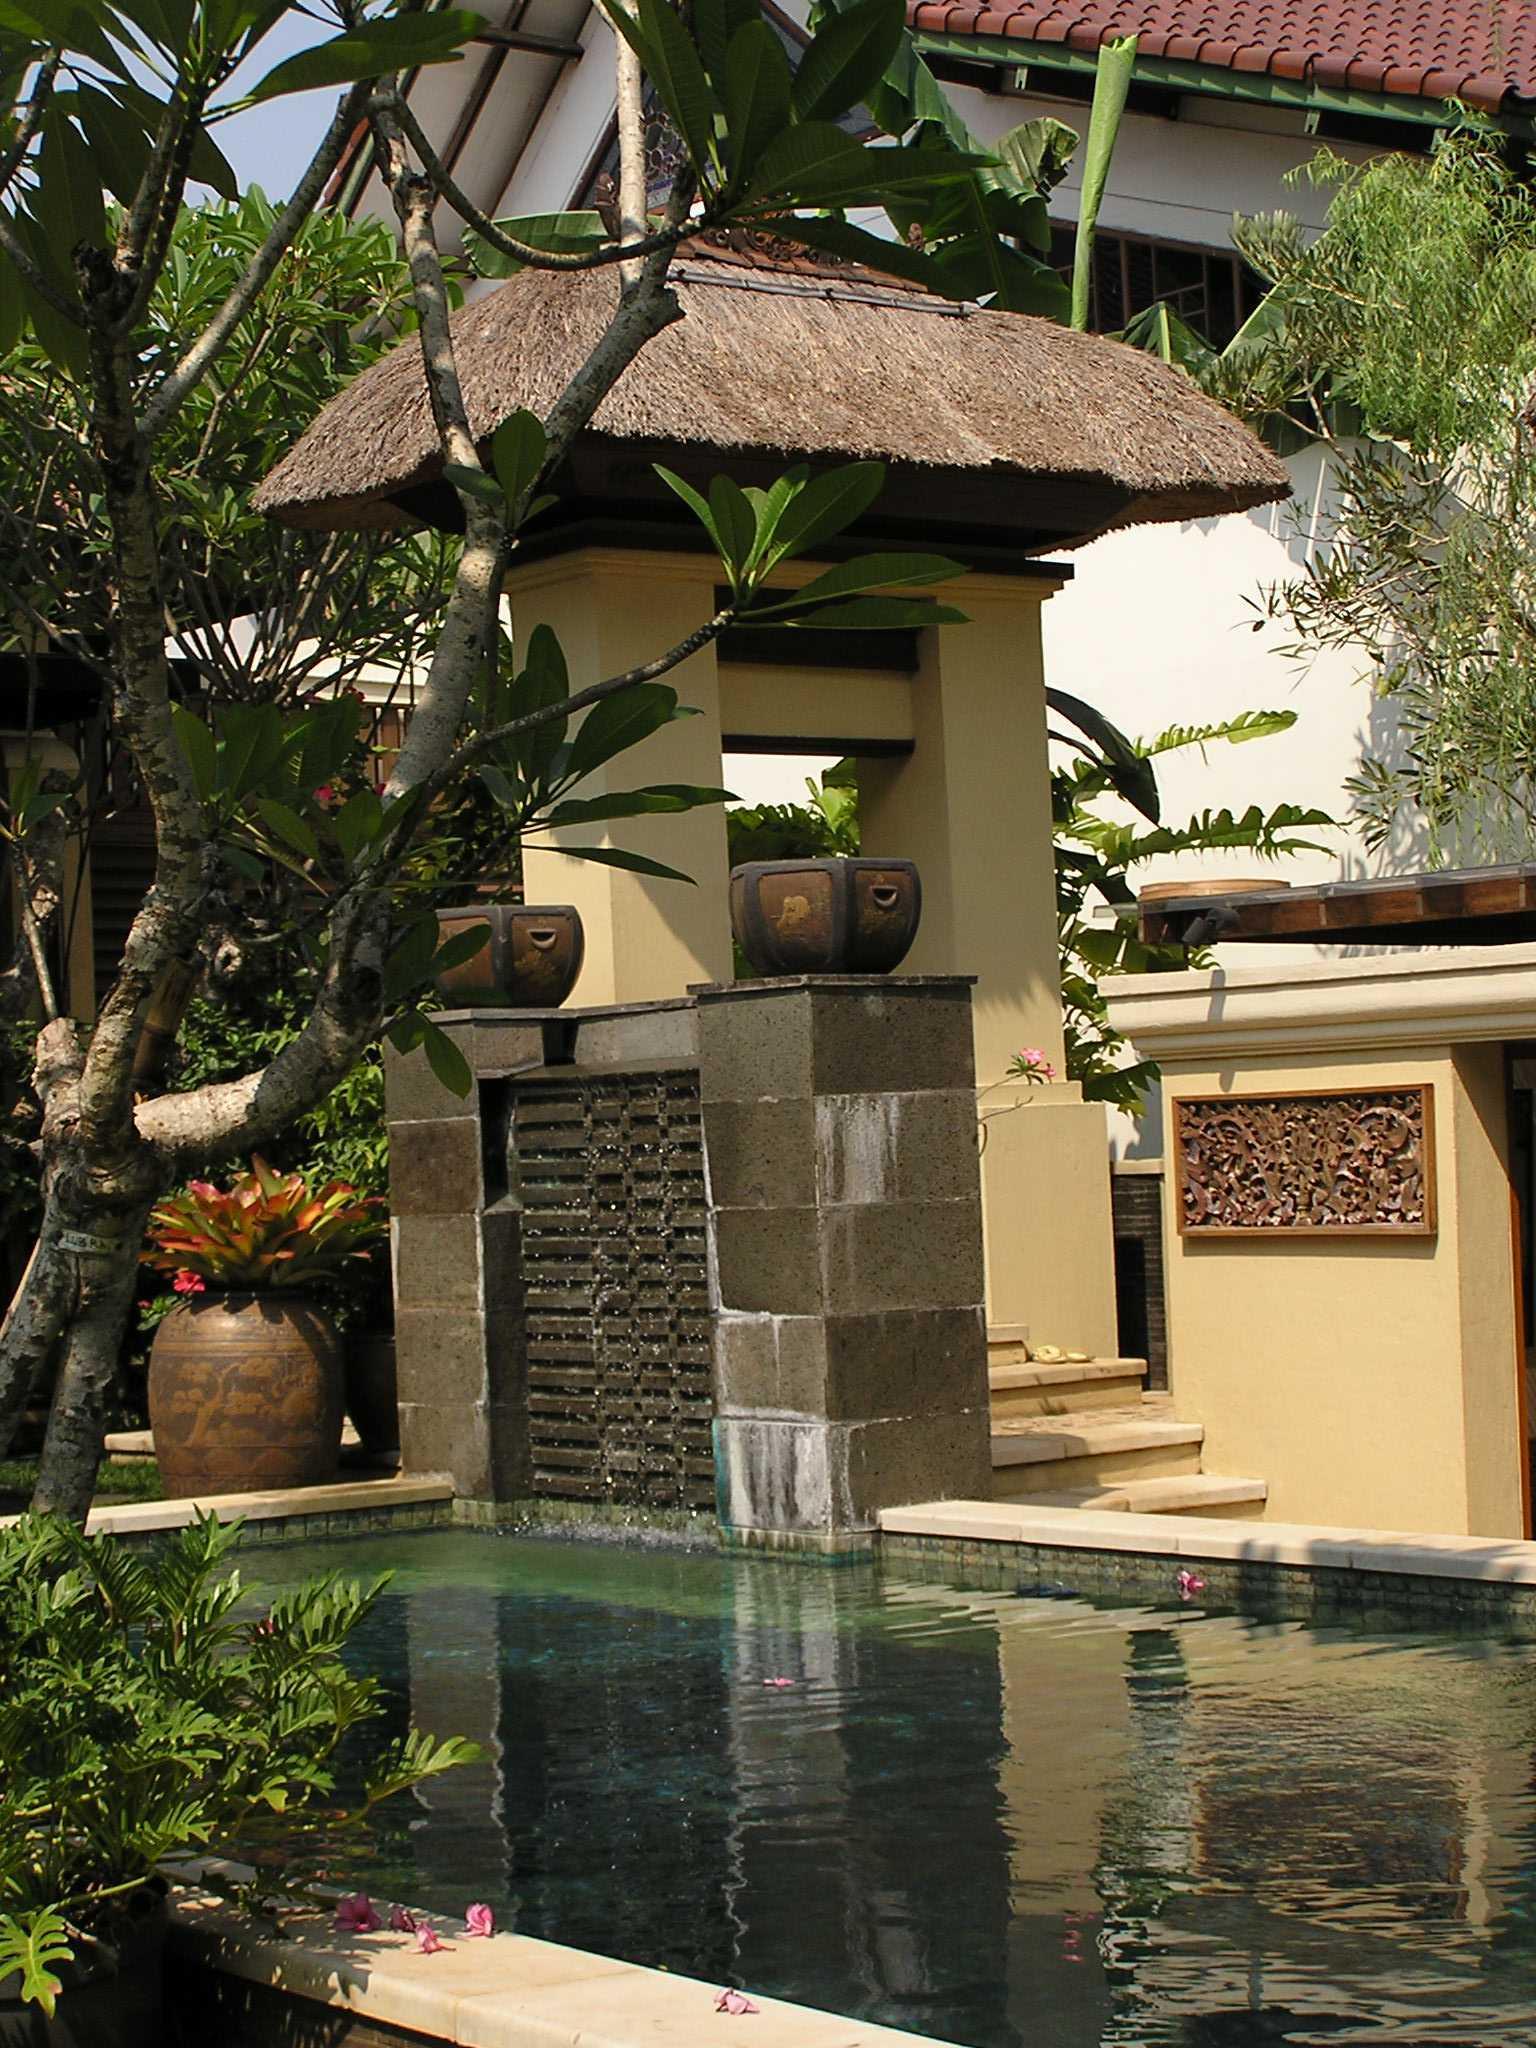 Pt. Garisprada Metro Kencana Residence Pondok Pinang, Kebayoran Lama, South Jakarta City, Jakarta, Indonesia Pondok Indah Swimming Pool Tropis  22251